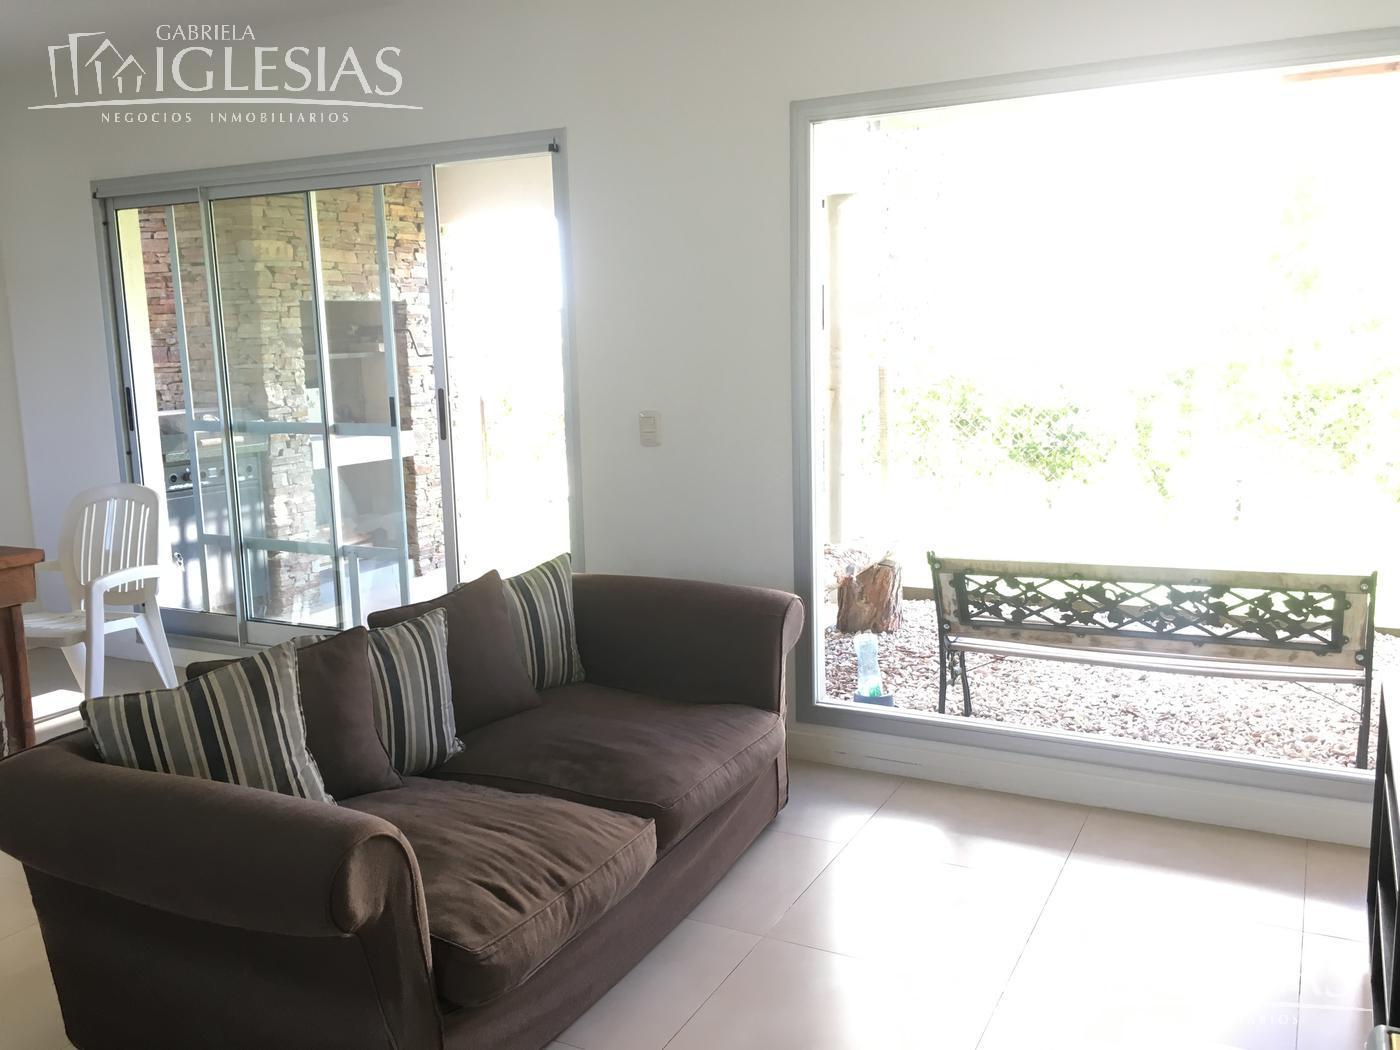 Casa en Venta en Nordelta Casas del Sendero a Venta - u$s 200.000